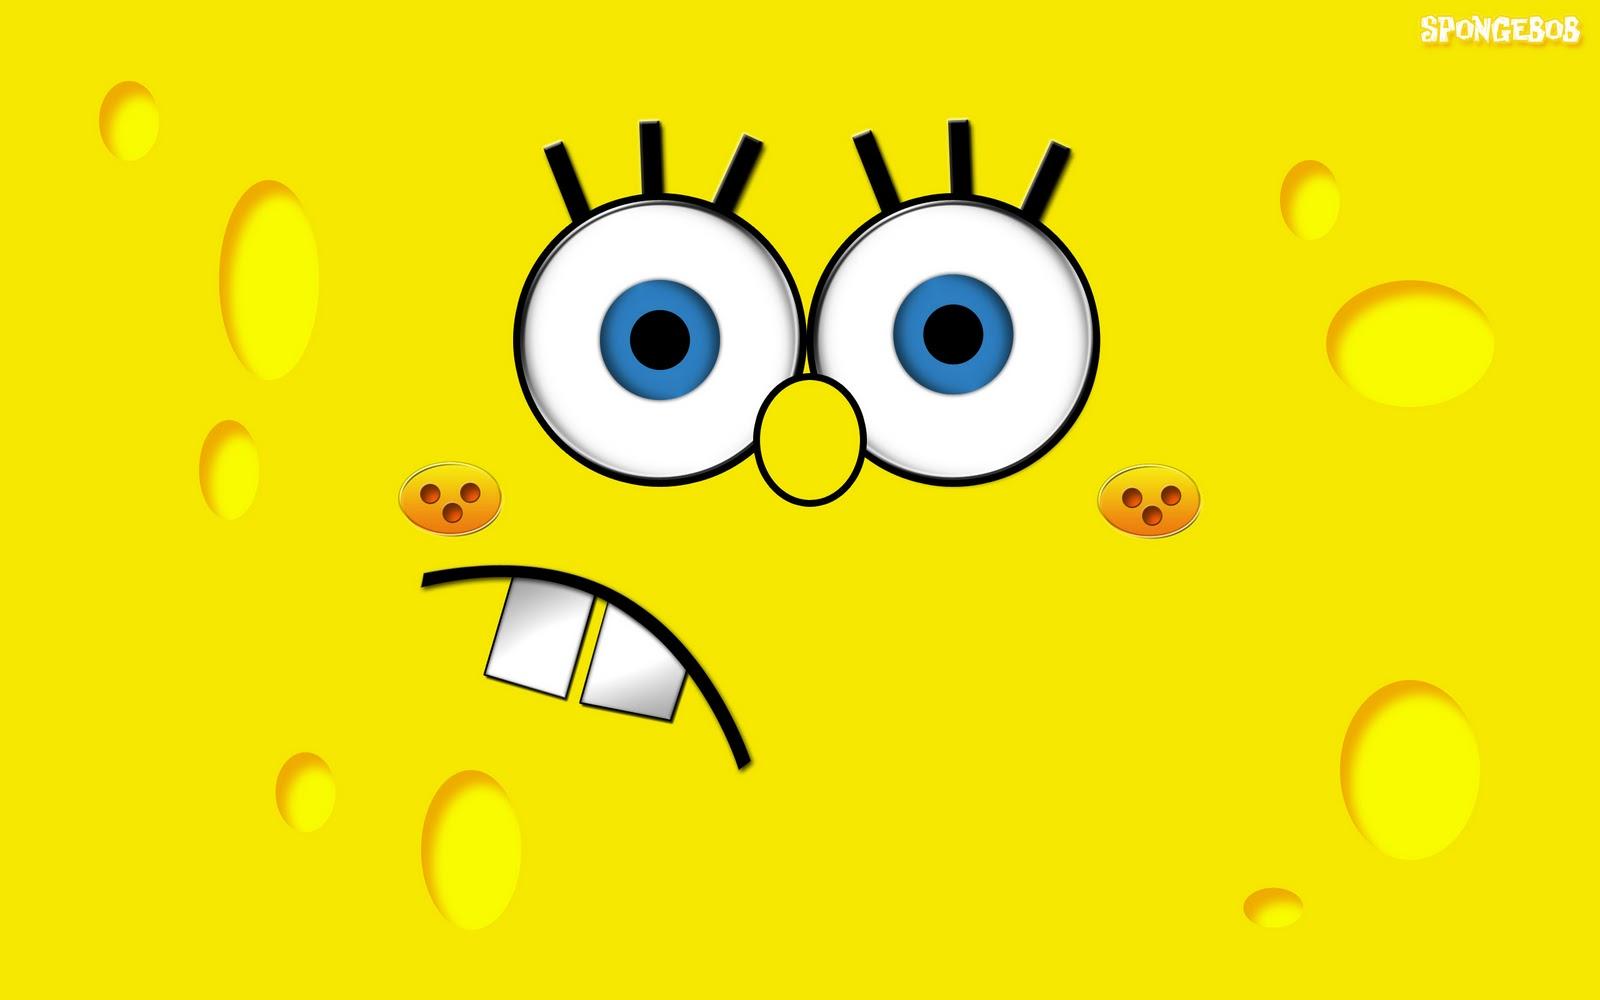 http://1.bp.blogspot.com/-vWhuoQZN4As/TqwKQXRx36I/AAAAAAAADm8/iX0rFvFrQw4/s1600/SpongeBob_wallpaper.jpg